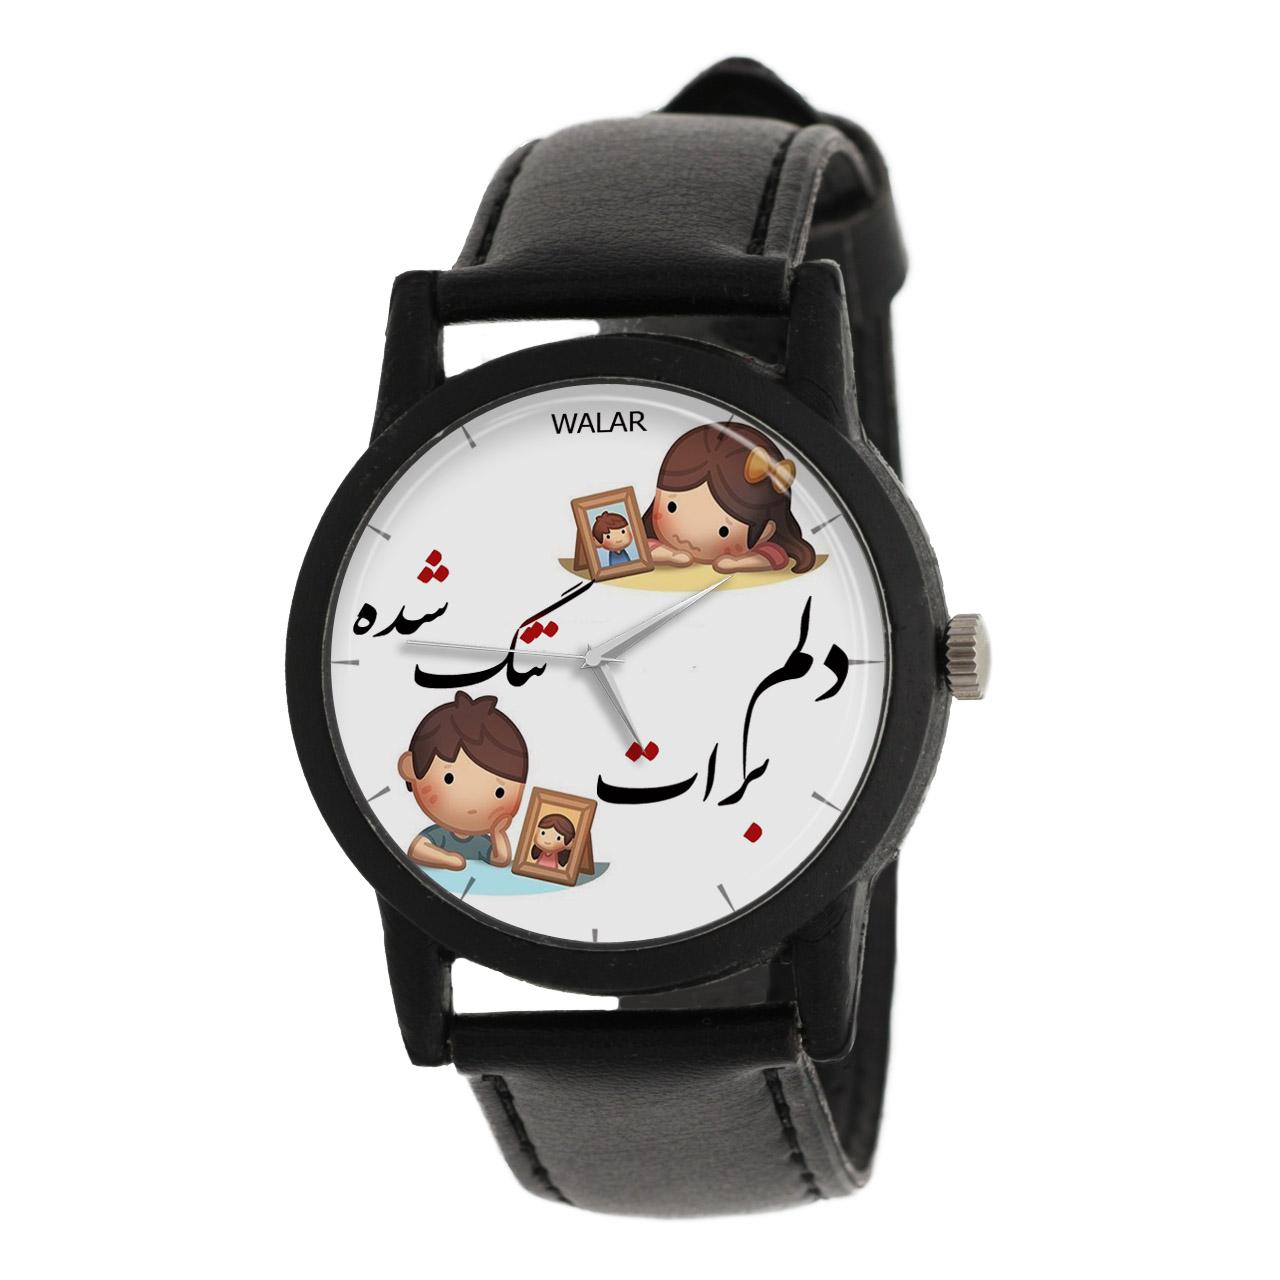 ساعت مچی عقربه ای زنانه والار مدل LF1299